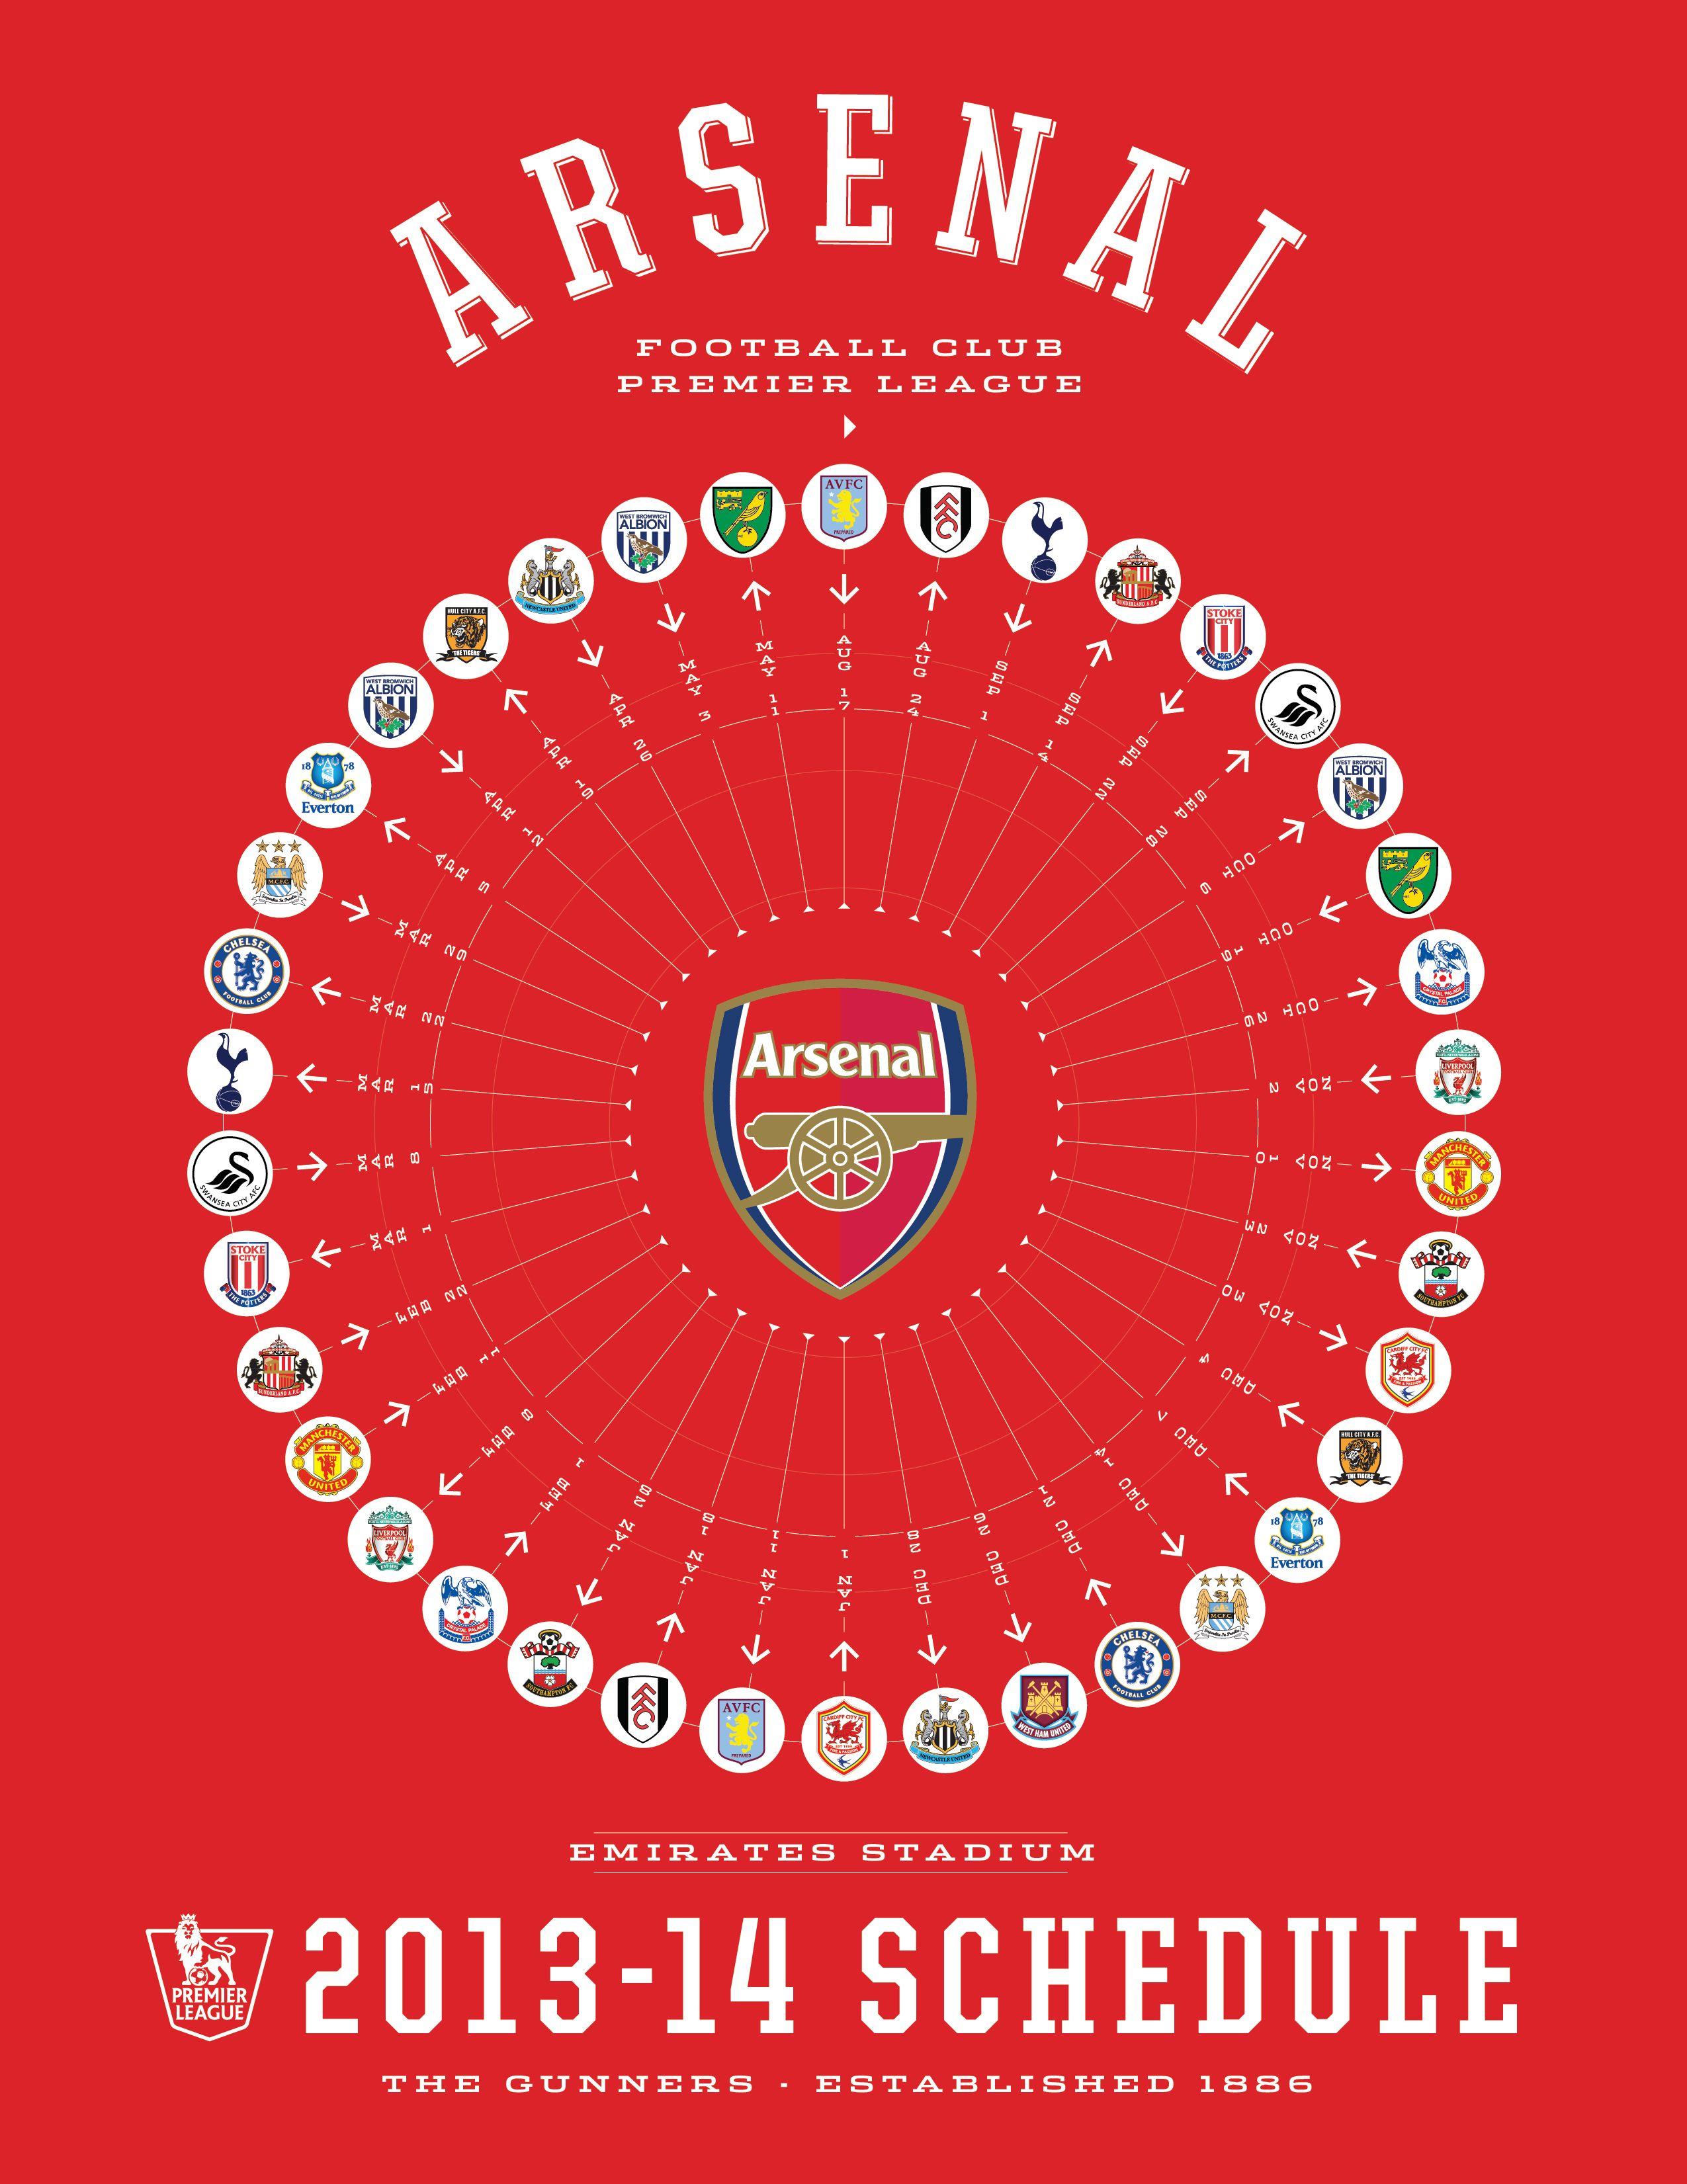 Arsenal 201314 premier league schedule 201314 premier